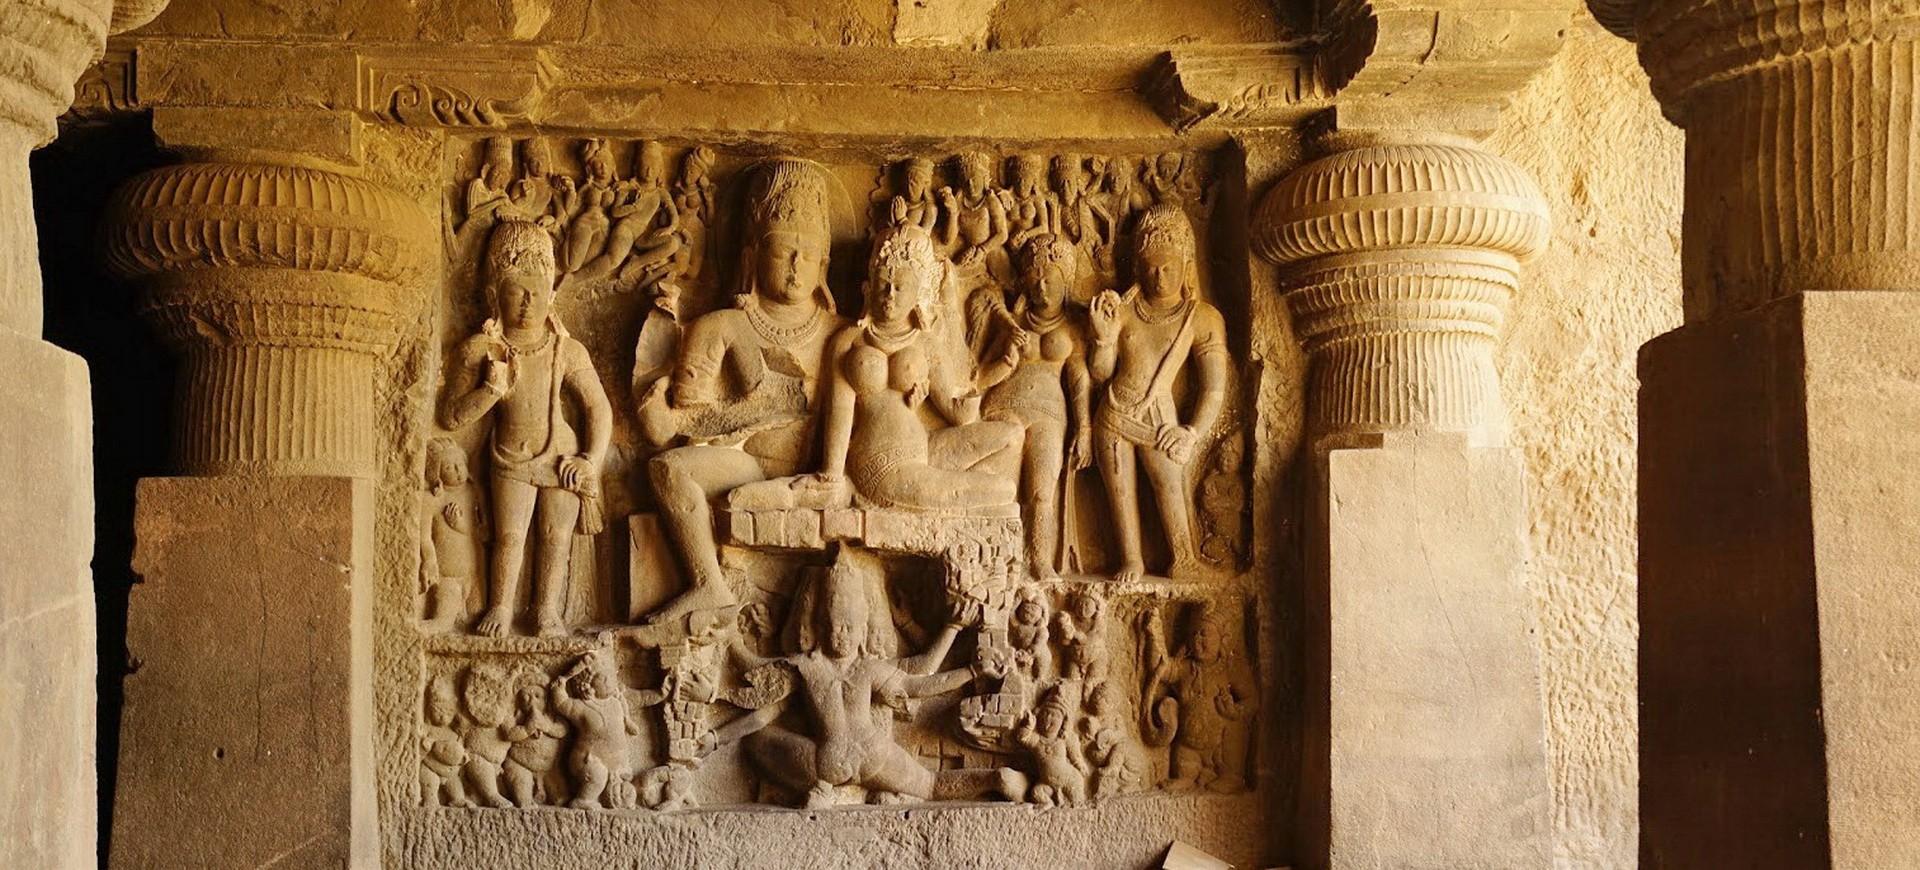 Inde Centrale Ajanta Grottes